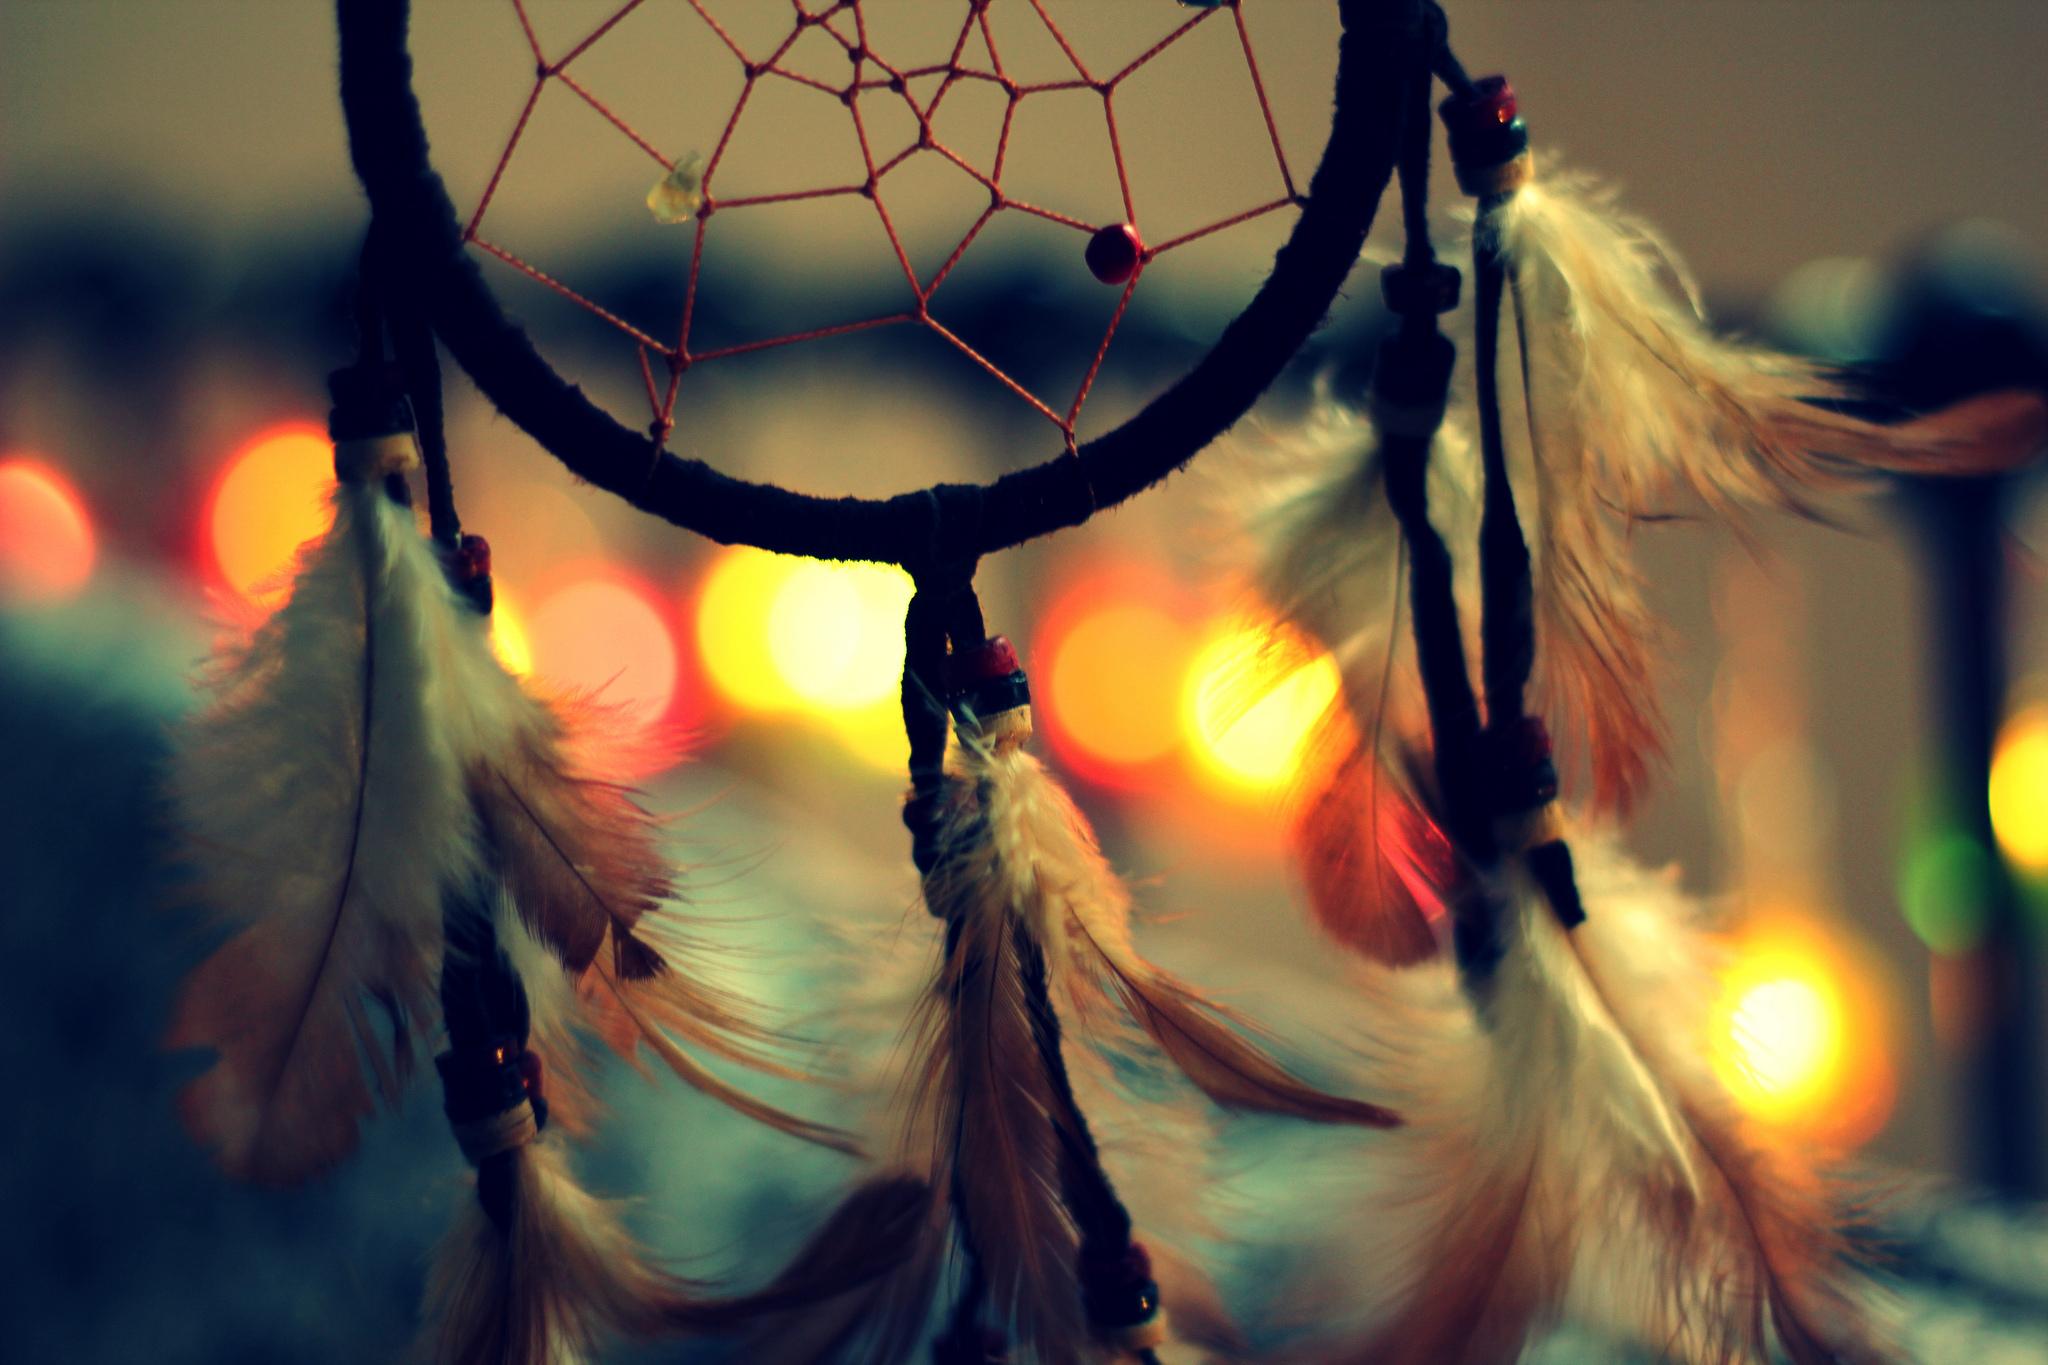 можешь носить картинки на фон ловец снов благодаря смекалки желанием